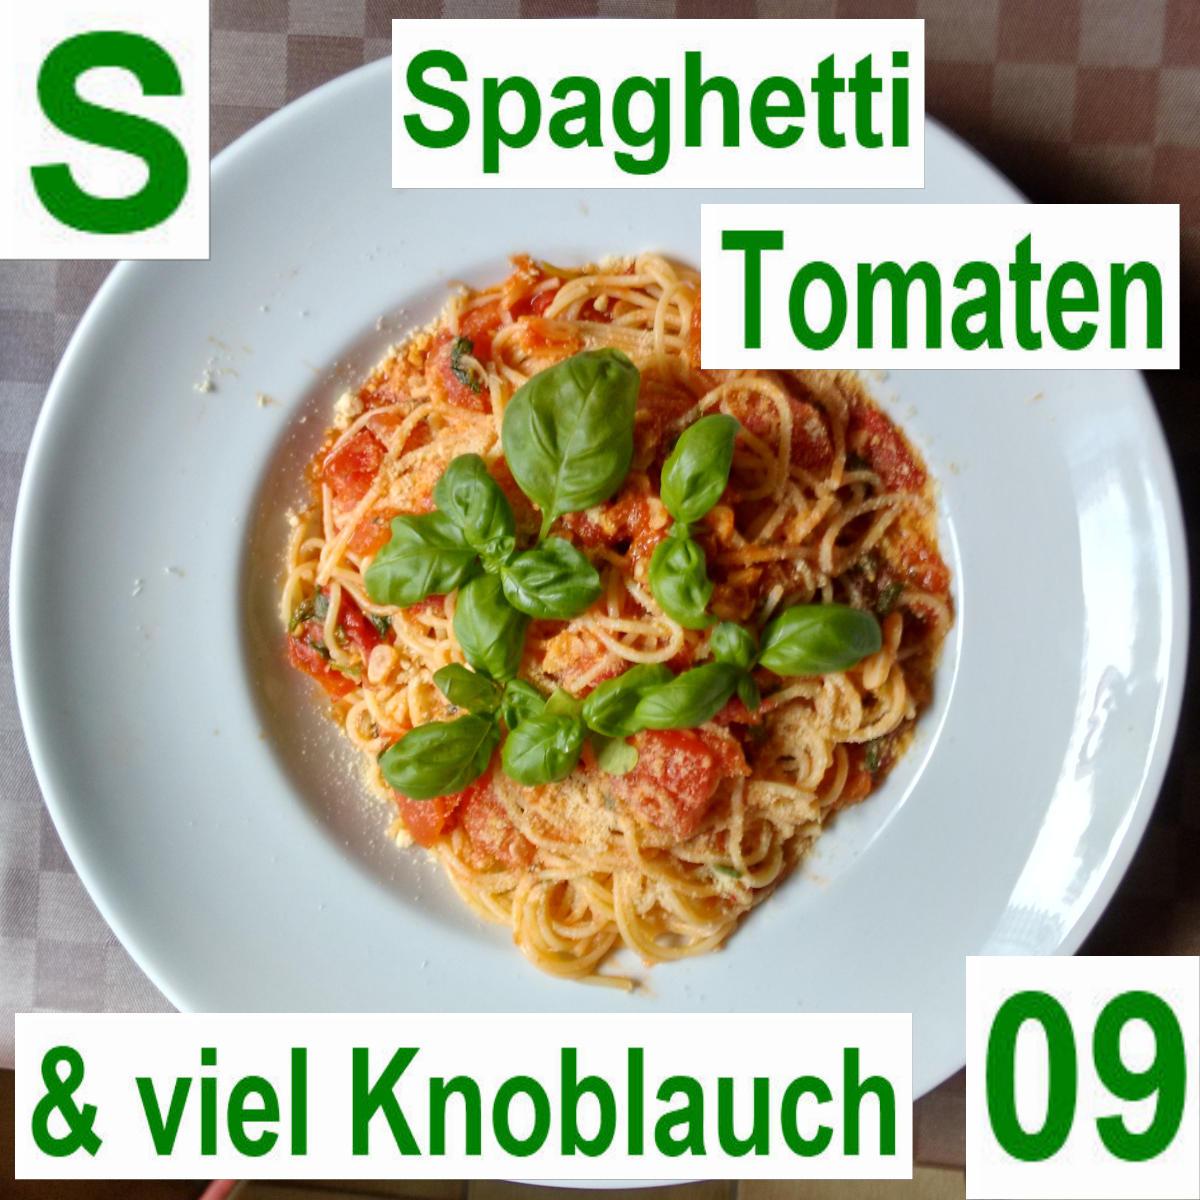 Spagetti Tomaten Knobi | vonMich